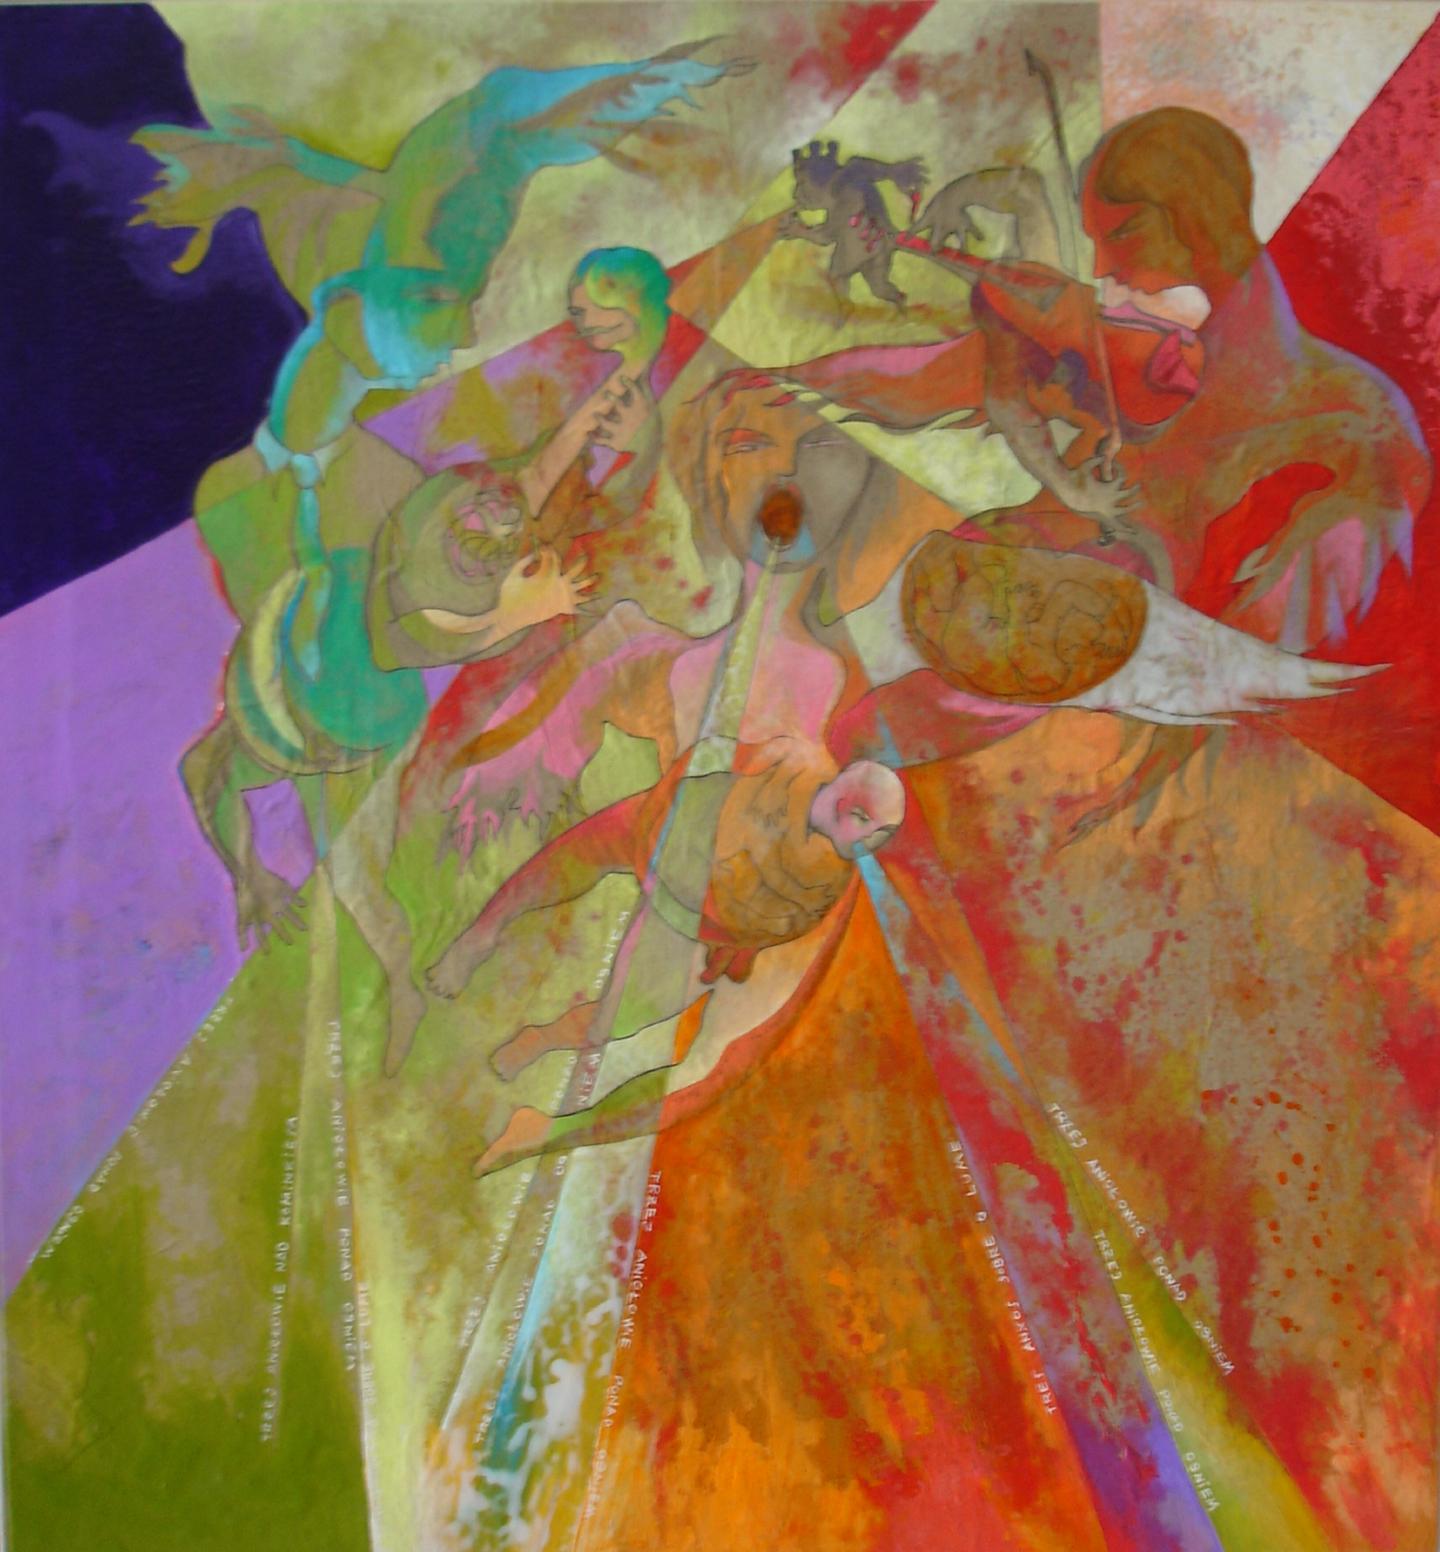 Ladislau da Regueira | Três anjos sobre o lume (2004)